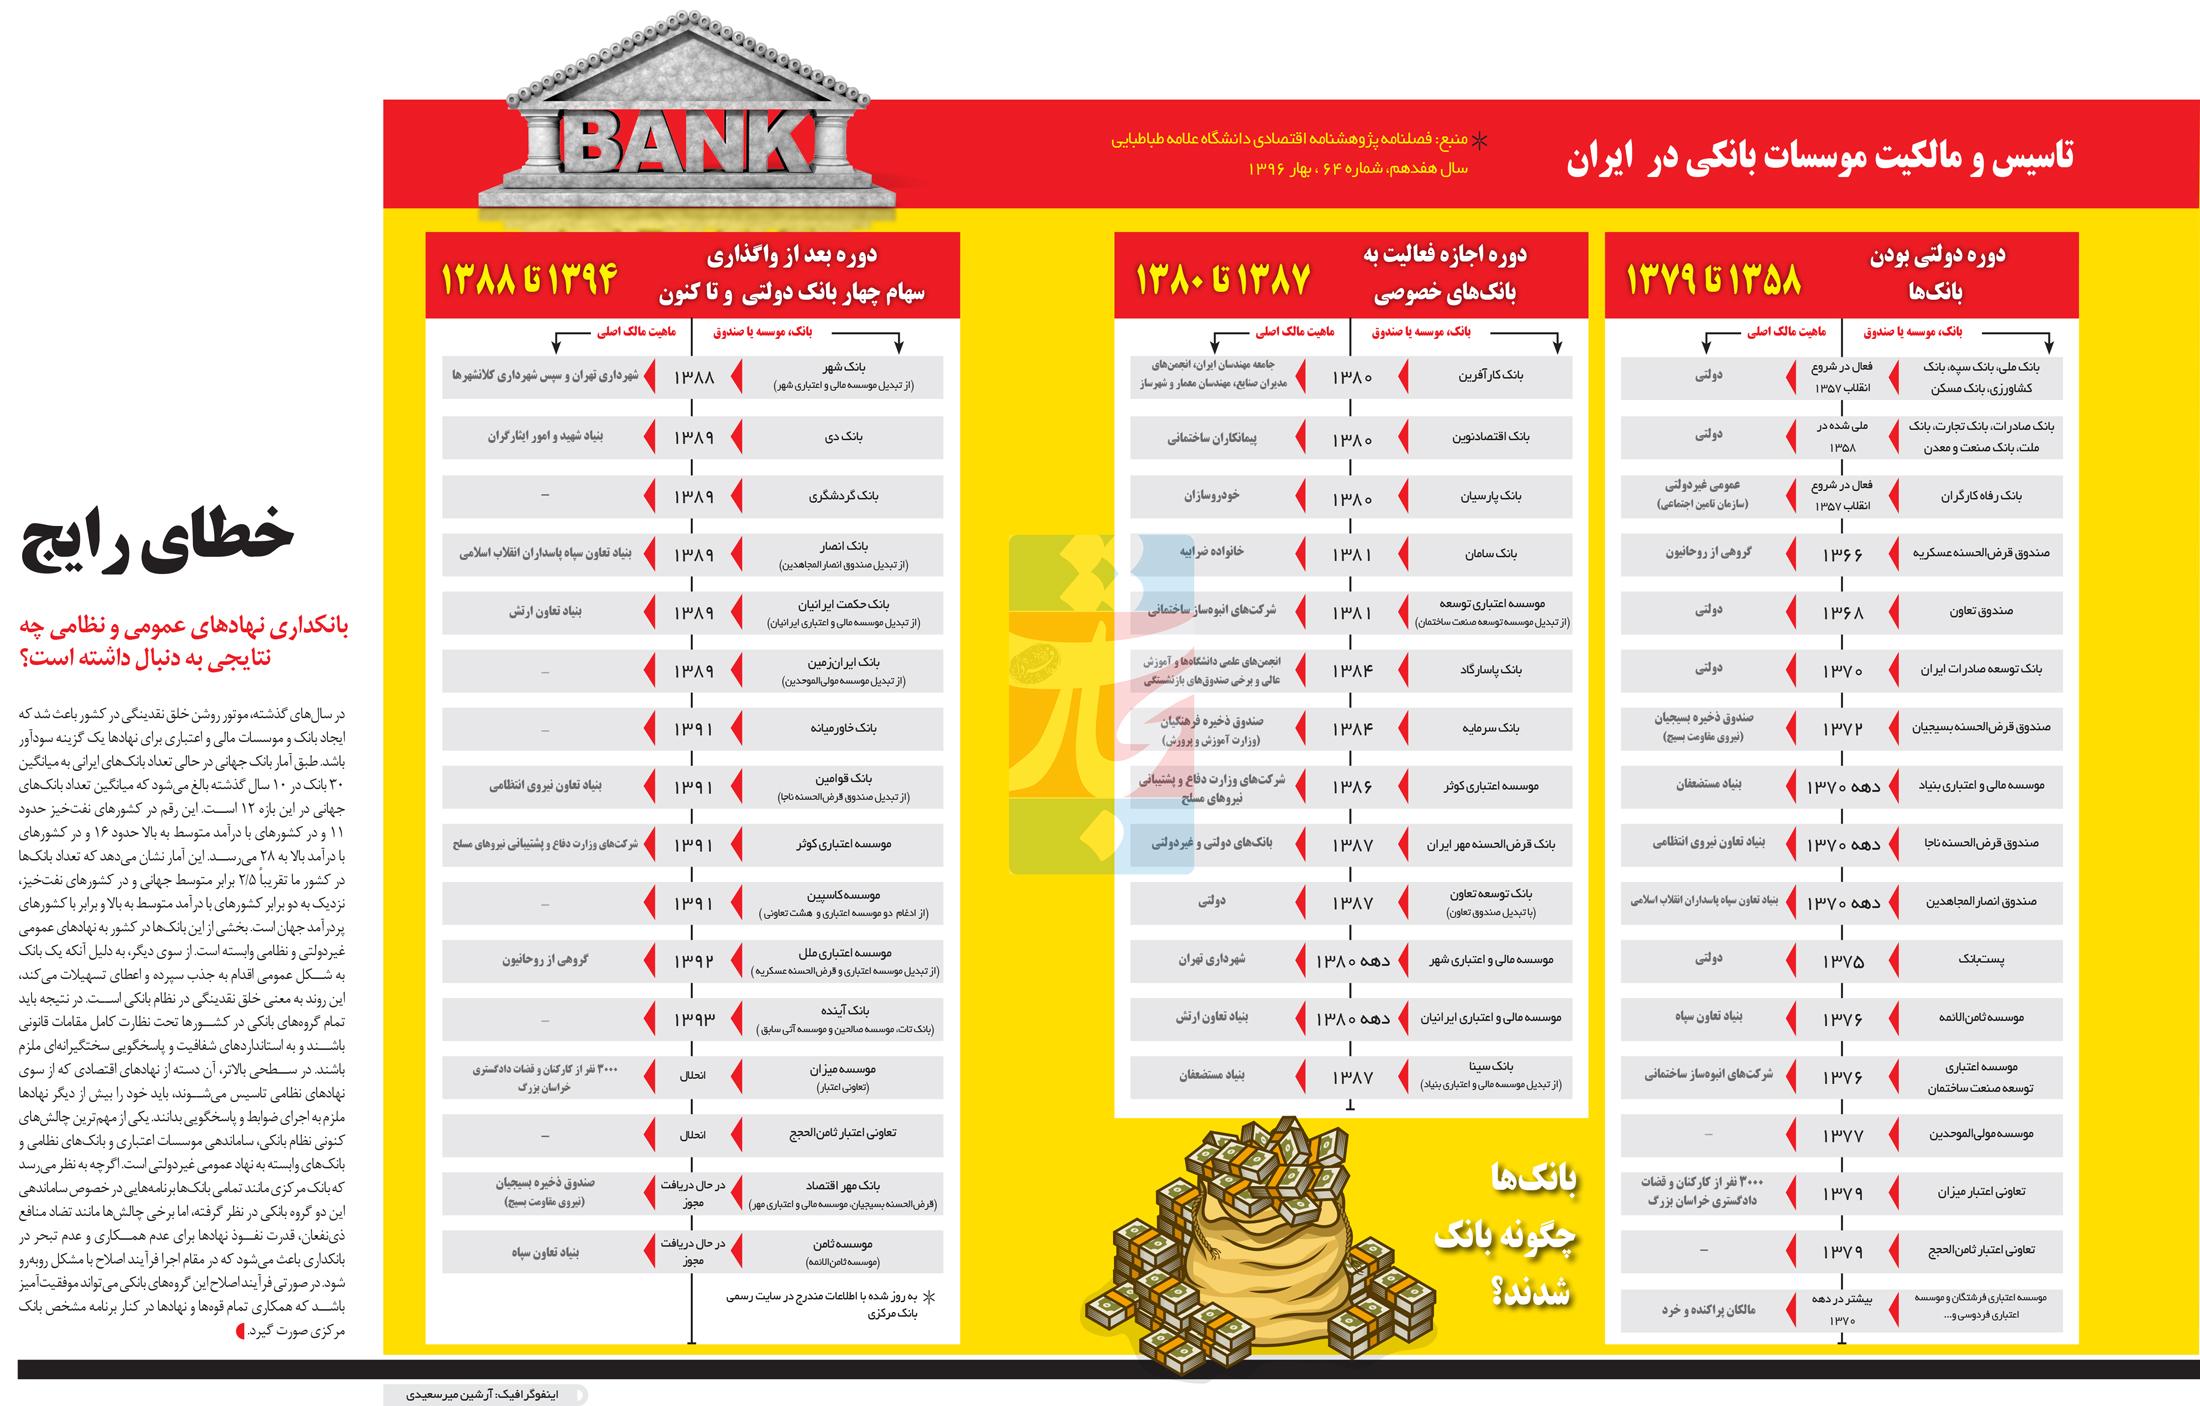 تجارت- فردا- تاسیس و مالکیت موسسات بانکی در  ایران (اینفوگرافیک)